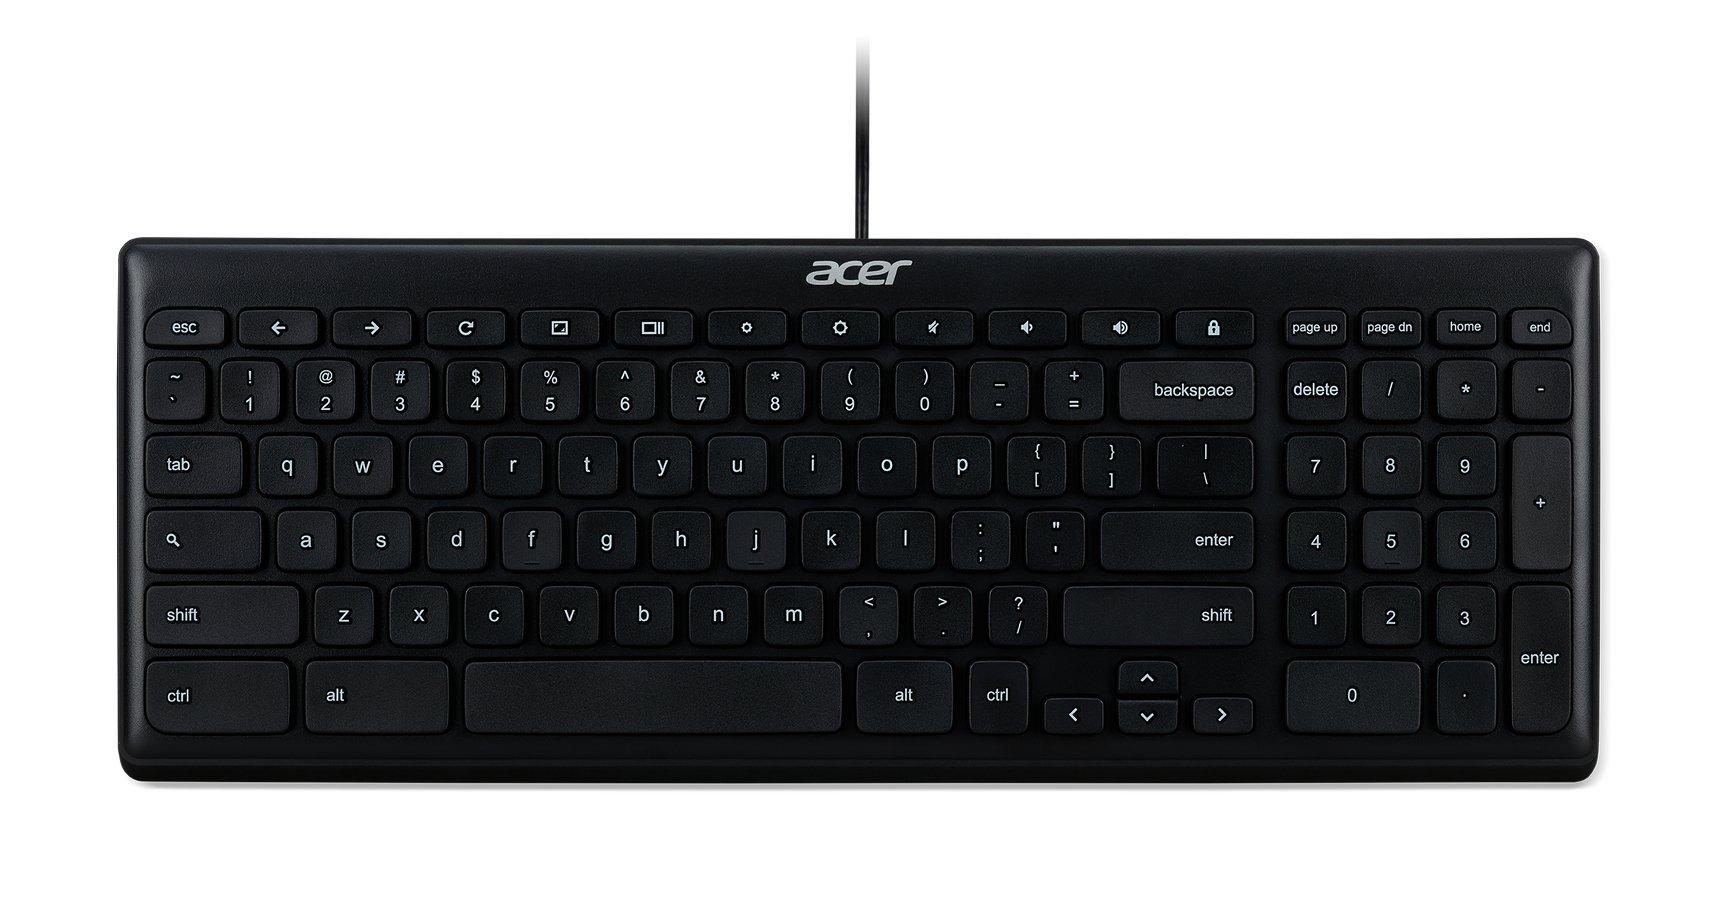 Acer KB69211 Keyboard